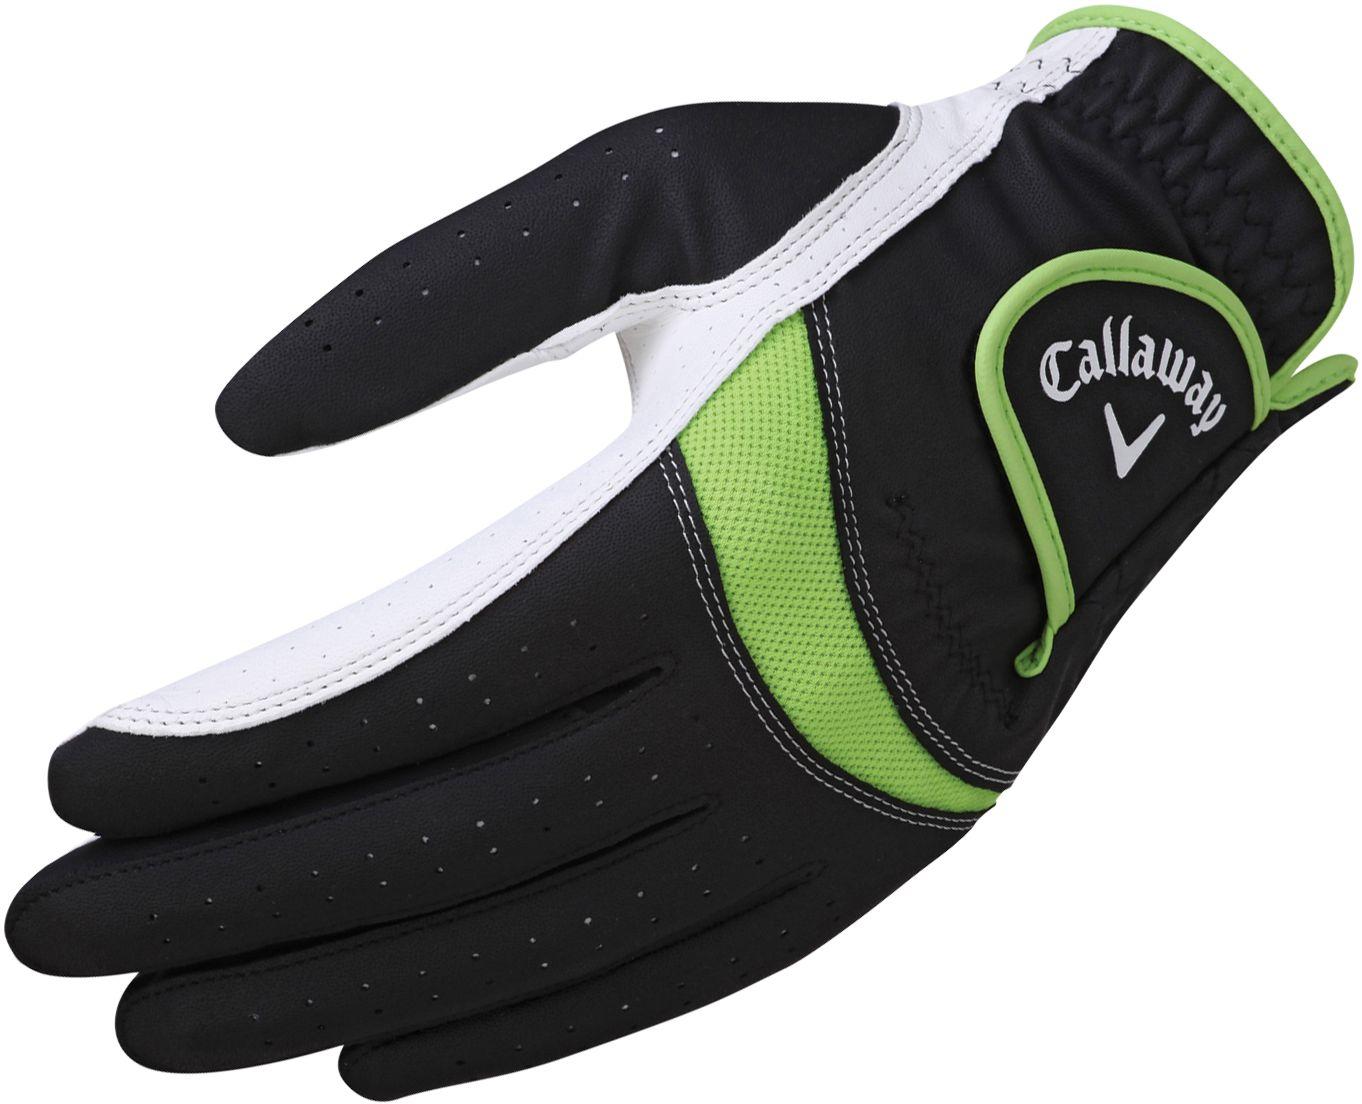 Mens gloves cadet - Noimagefound